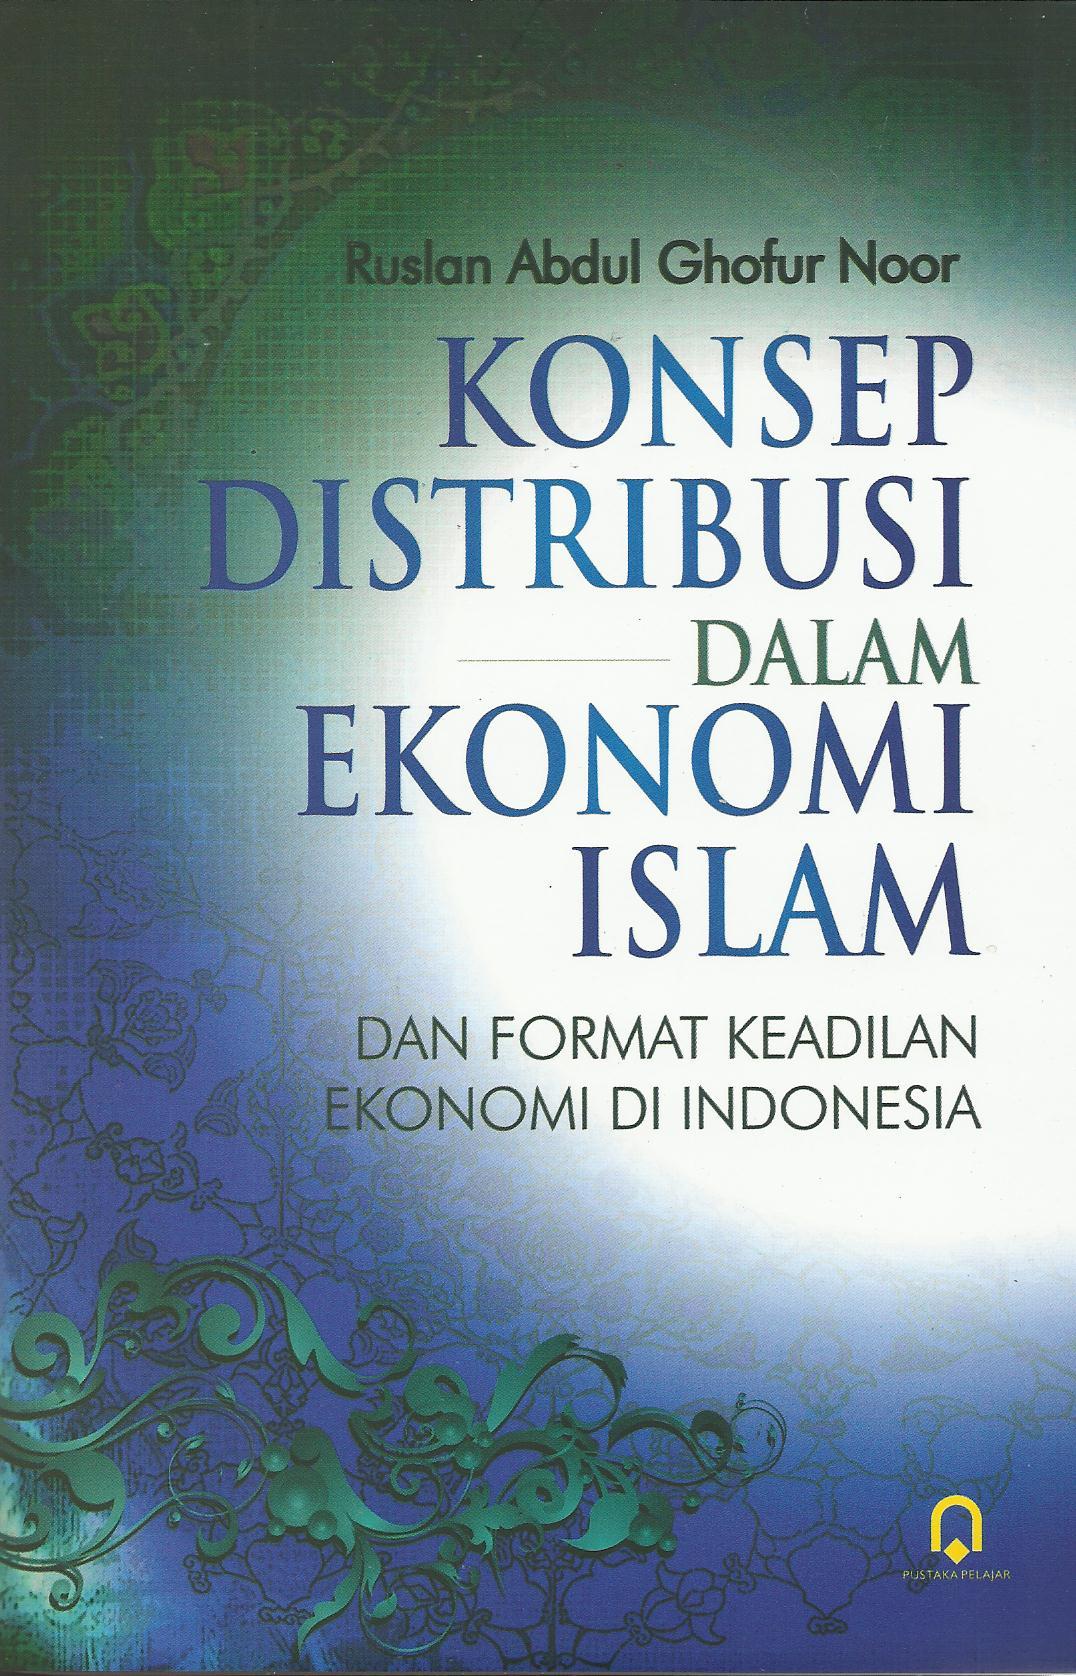 Konsep Distribusi dalam Ekonomi Islam dan Format Keadilan Ekonomi di Indonesia